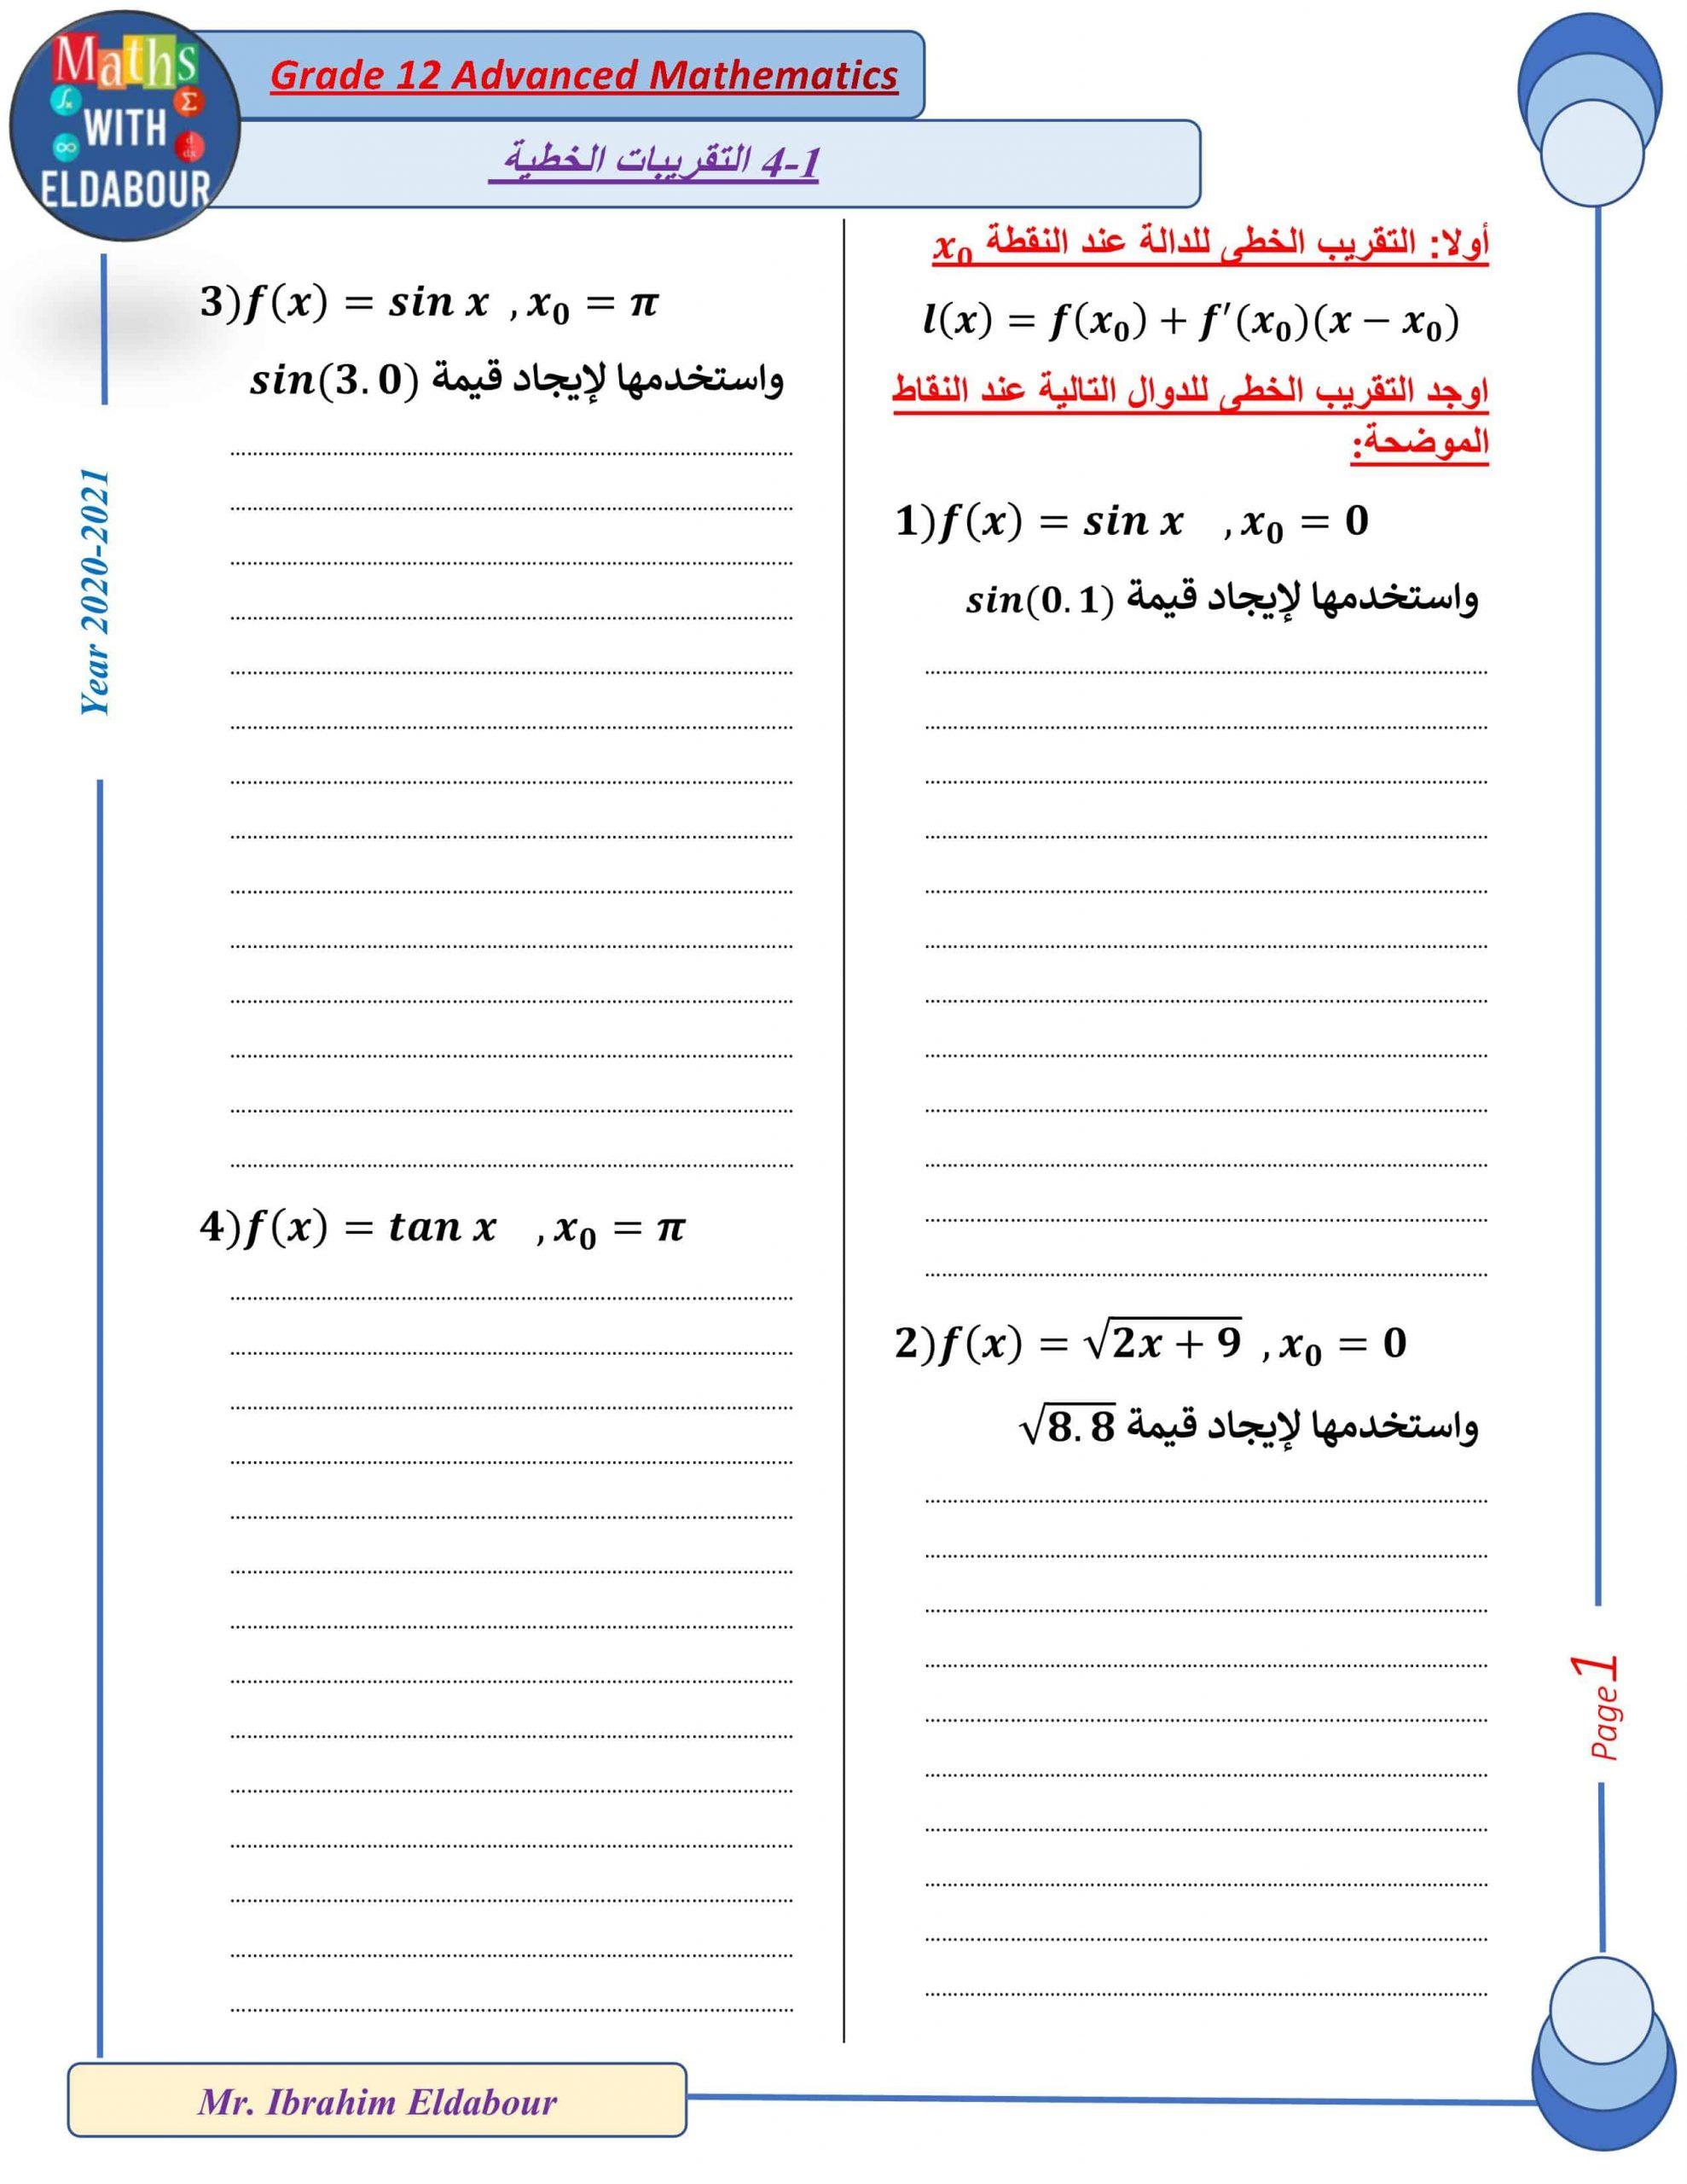 أوراق عمل درس التقريبات الخطية الصف الثاني عشر متقدم مادة الرياضيات المتكاملة